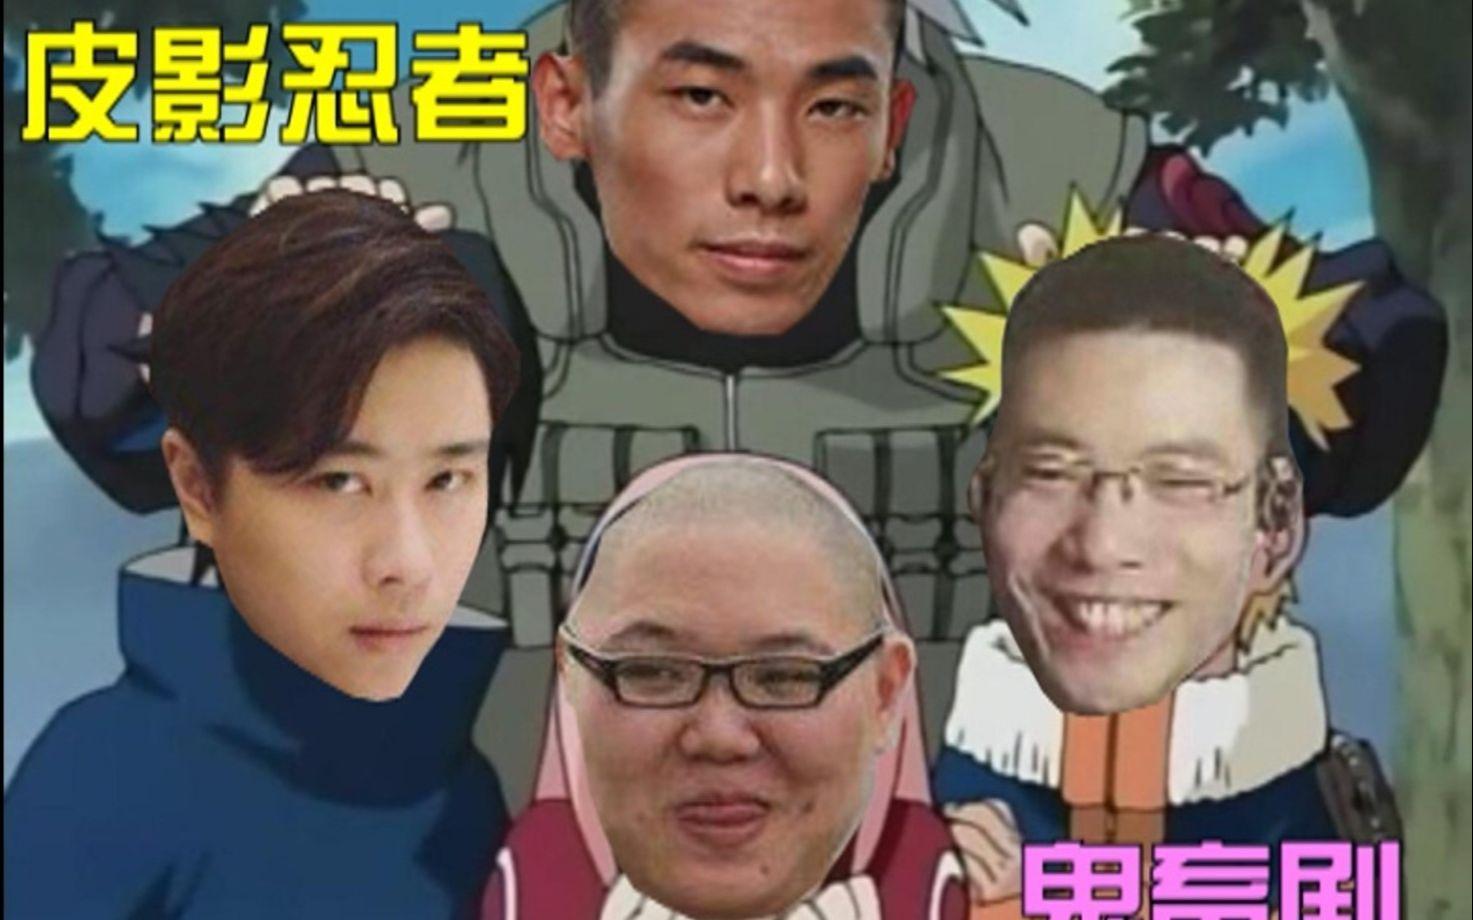 《皮影忍者》第一集-PDD卢本伟旭旭宝宝大司马